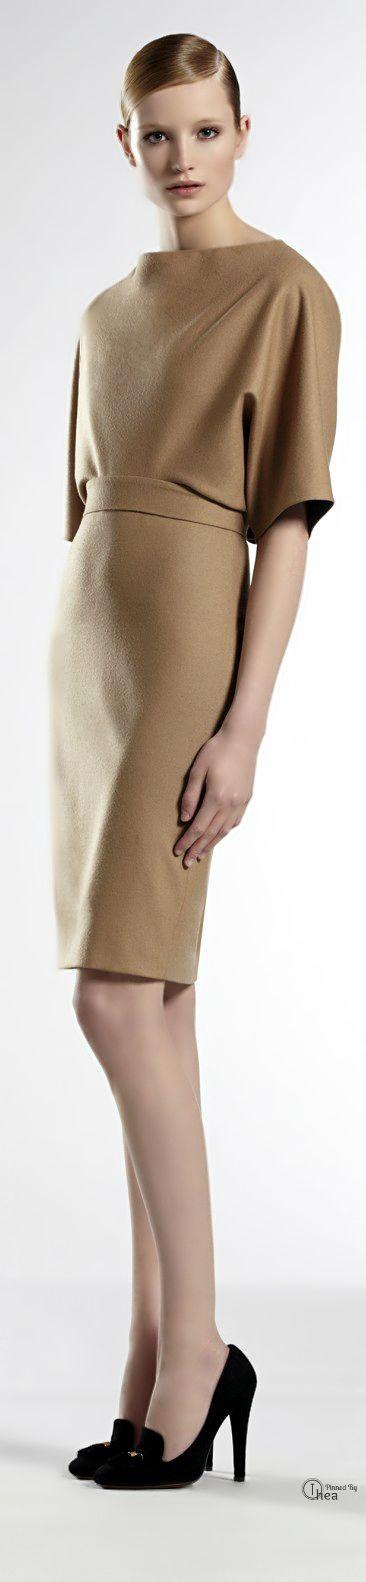 Gucci ● Beige Cape Dress